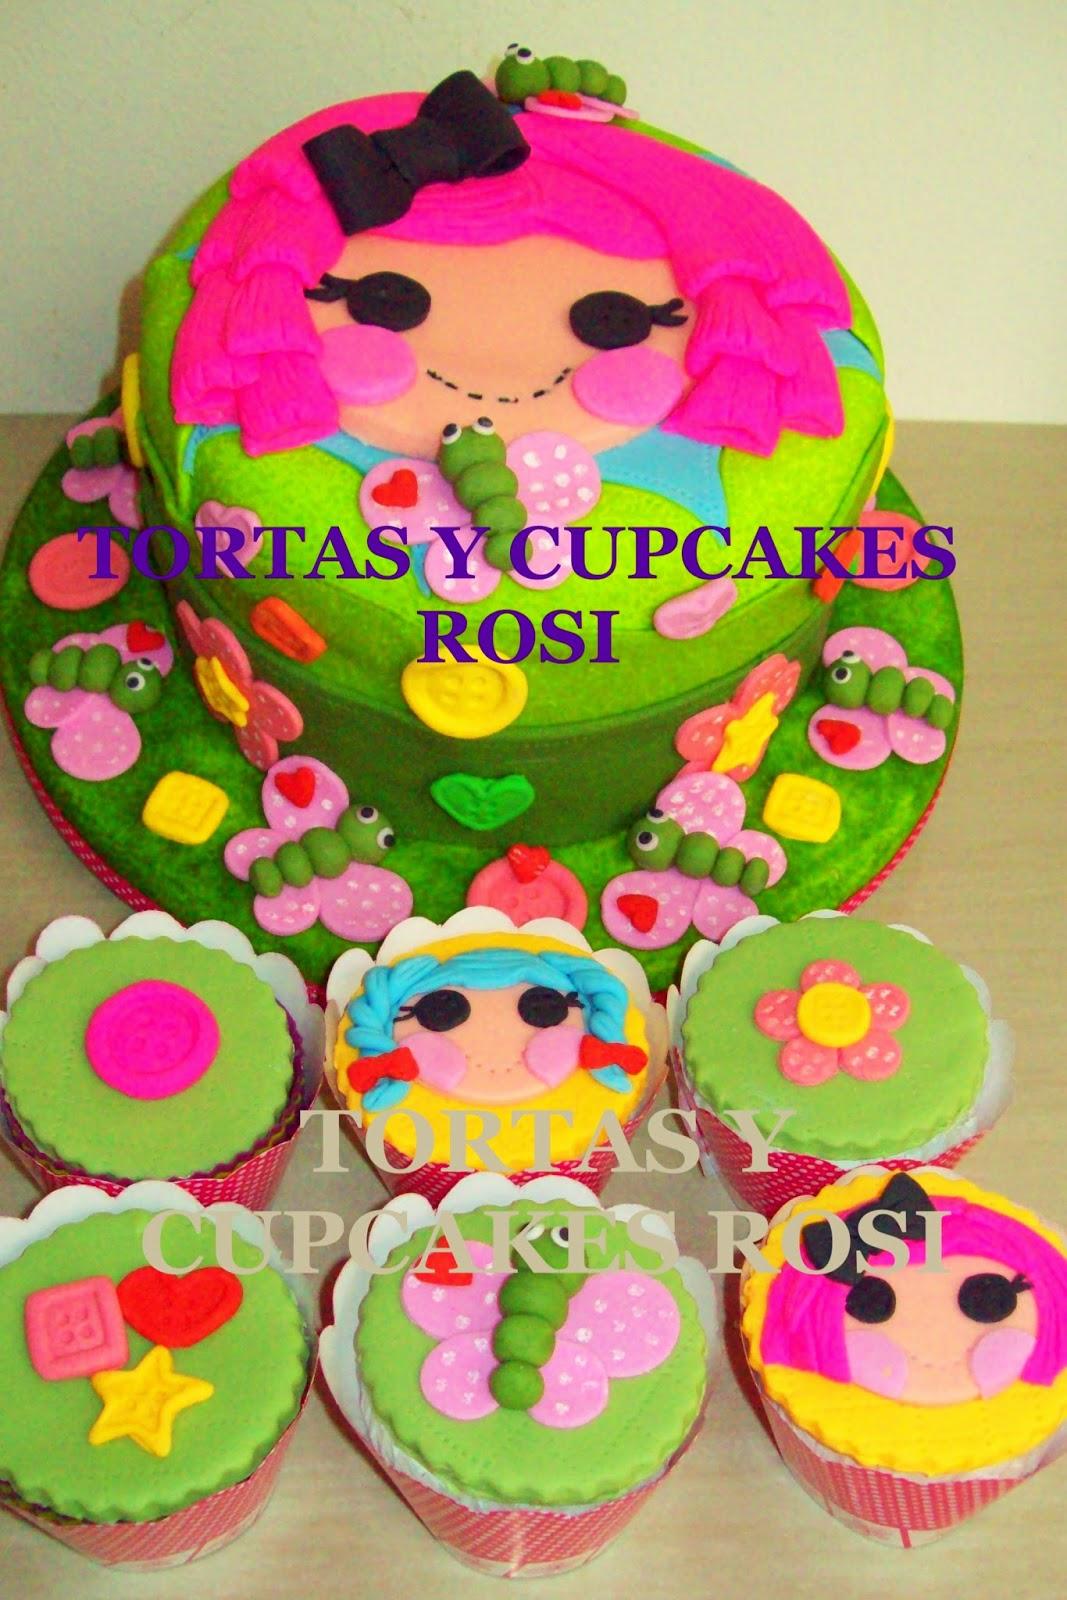 Tortas y cupcakes rosi curso intensivo decoracion de for Decoracion en cupcakes